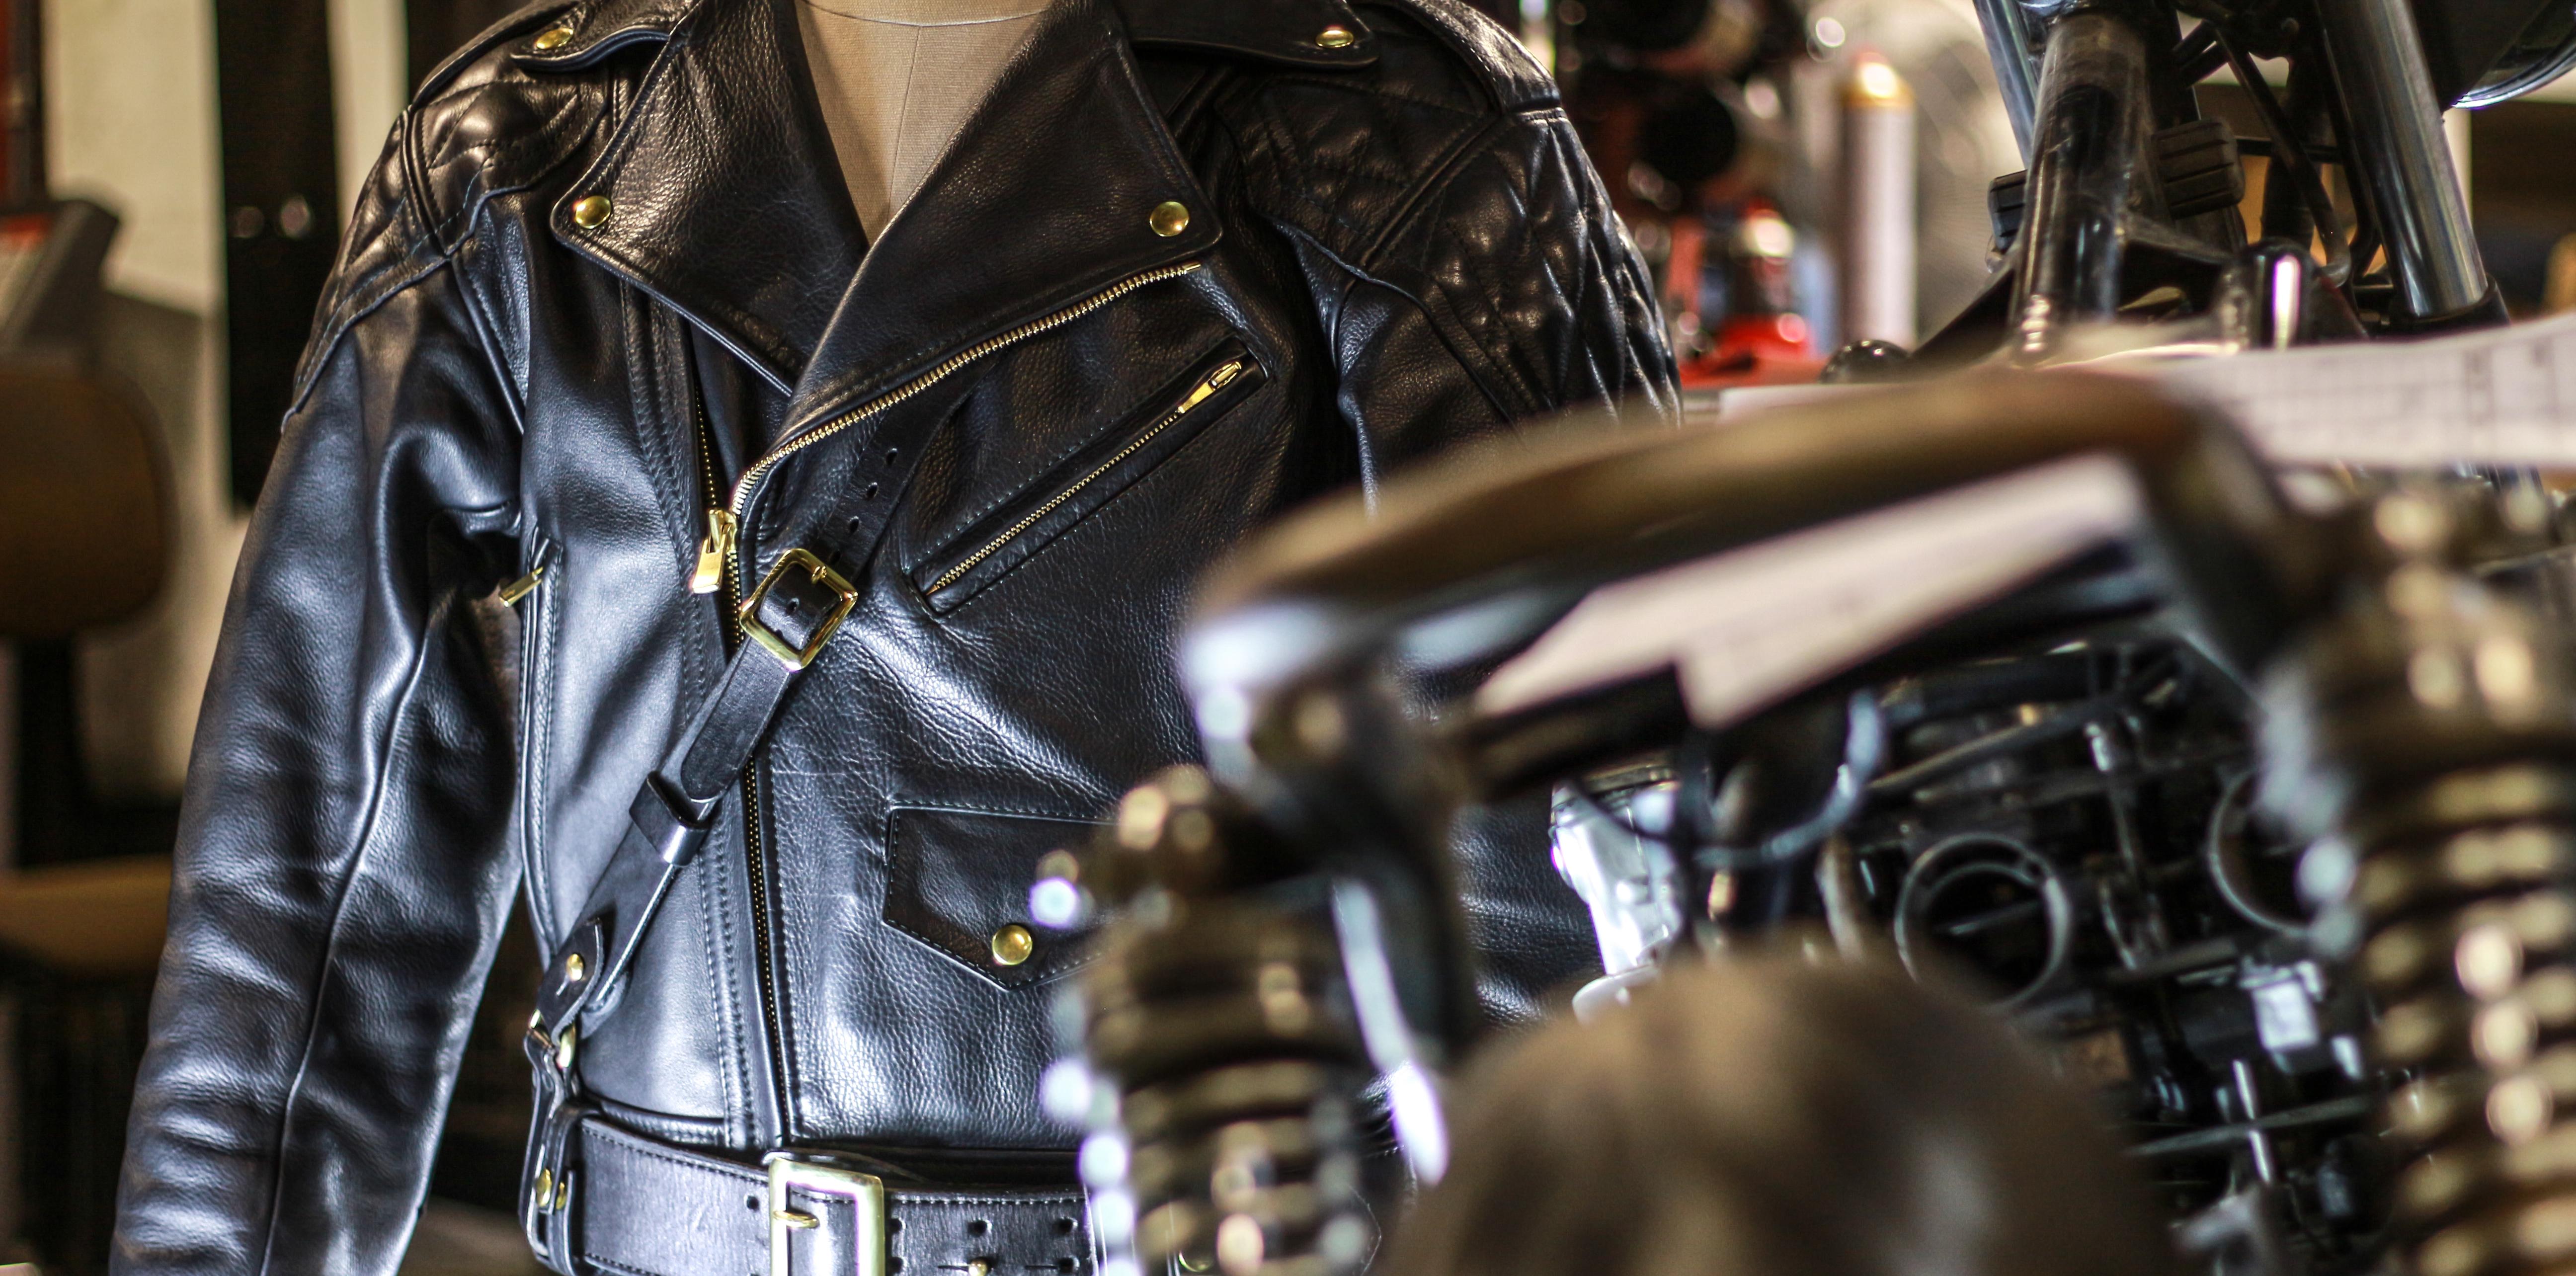 2a61c69652f Equipements et casques moto vintage - Vintage Motors